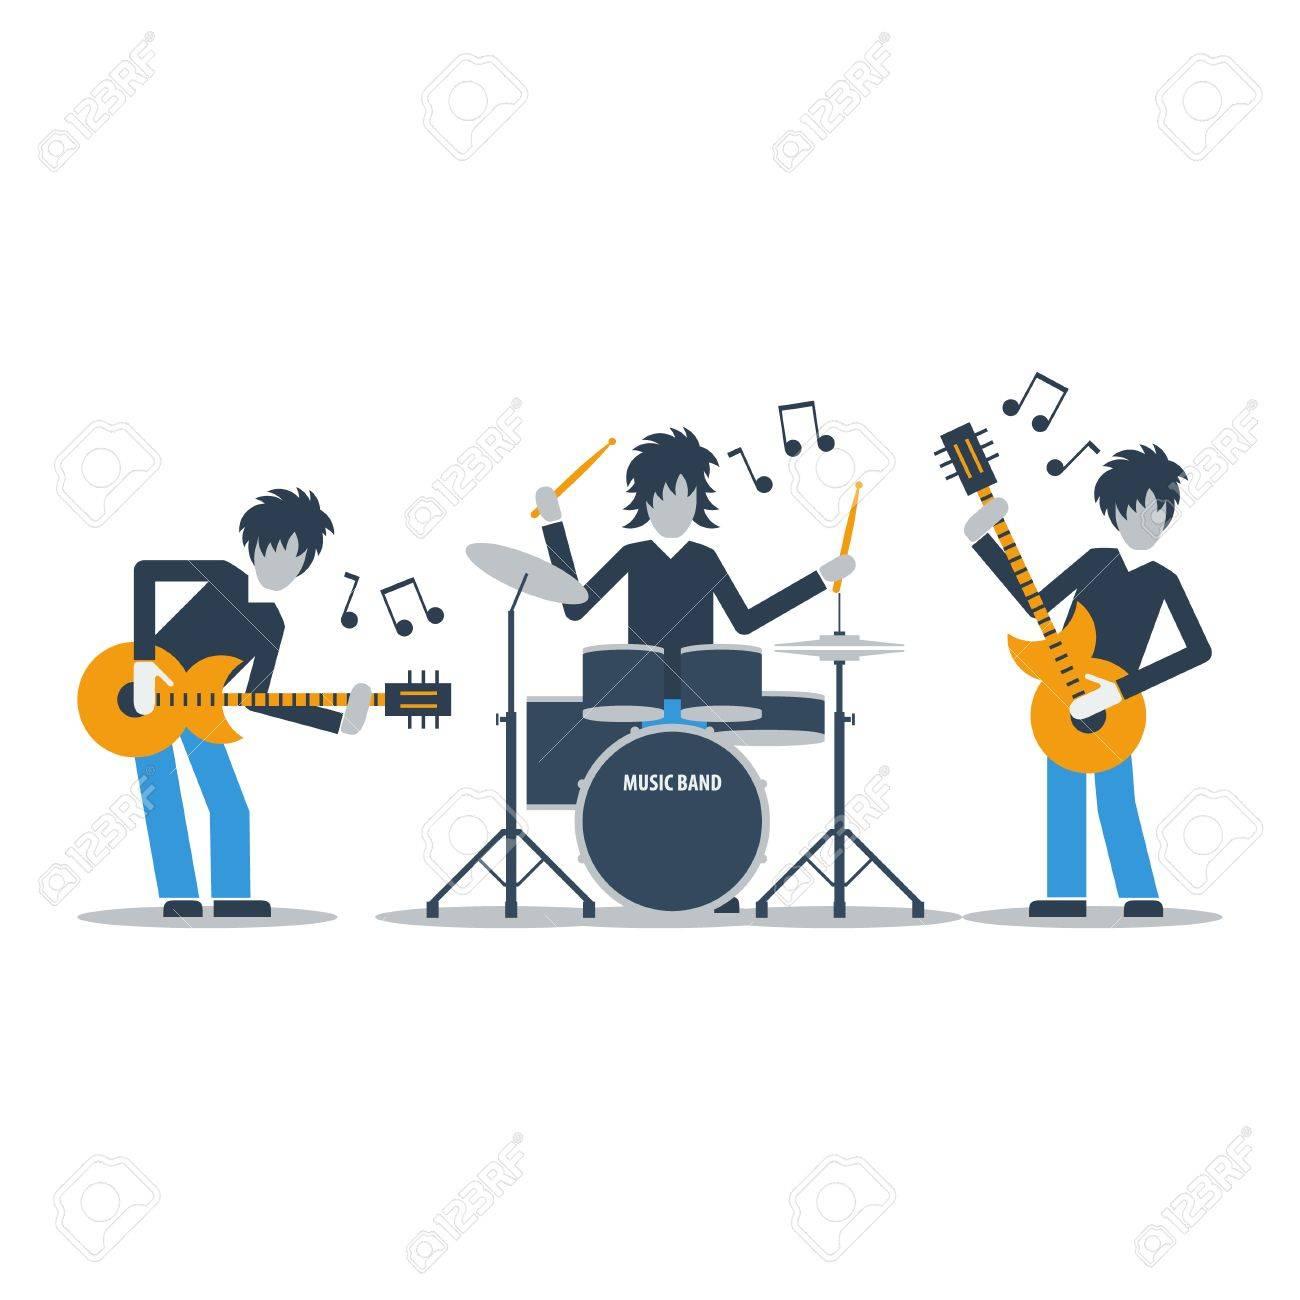 Rock music band.